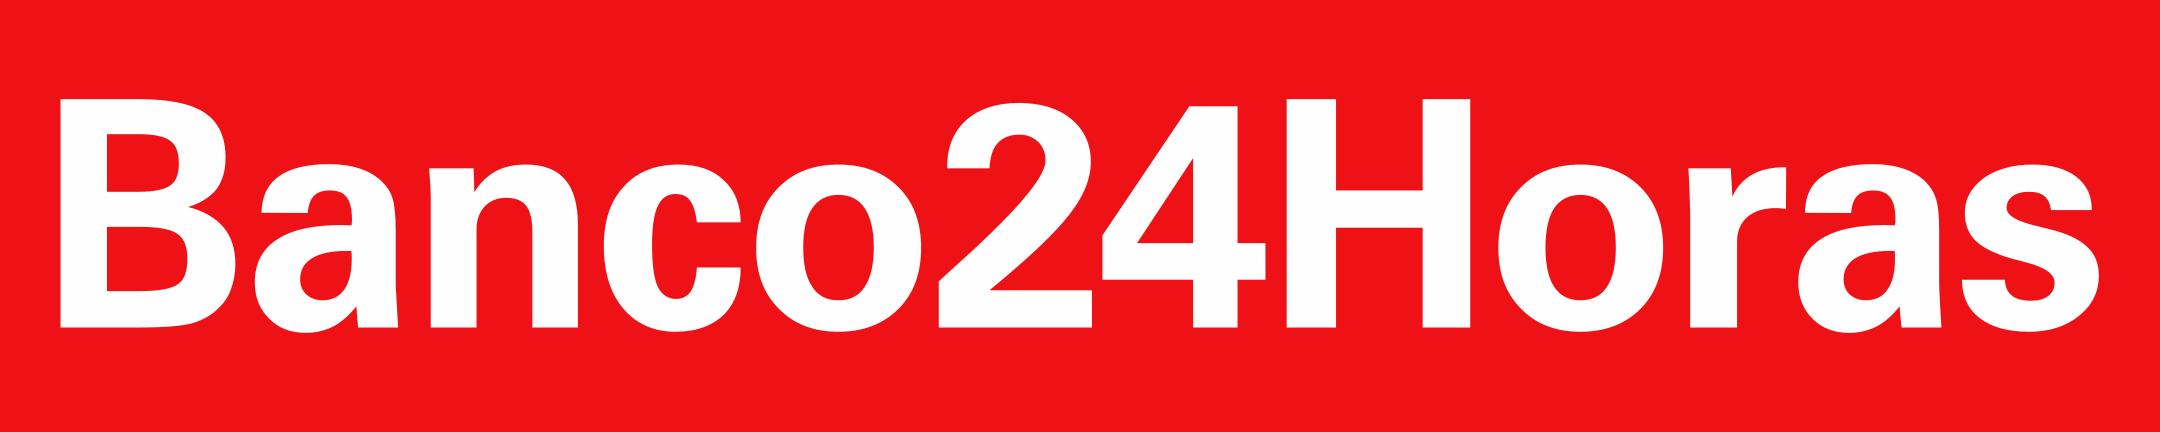 banco 24 horas logo 1 - Banco24Horas Logo